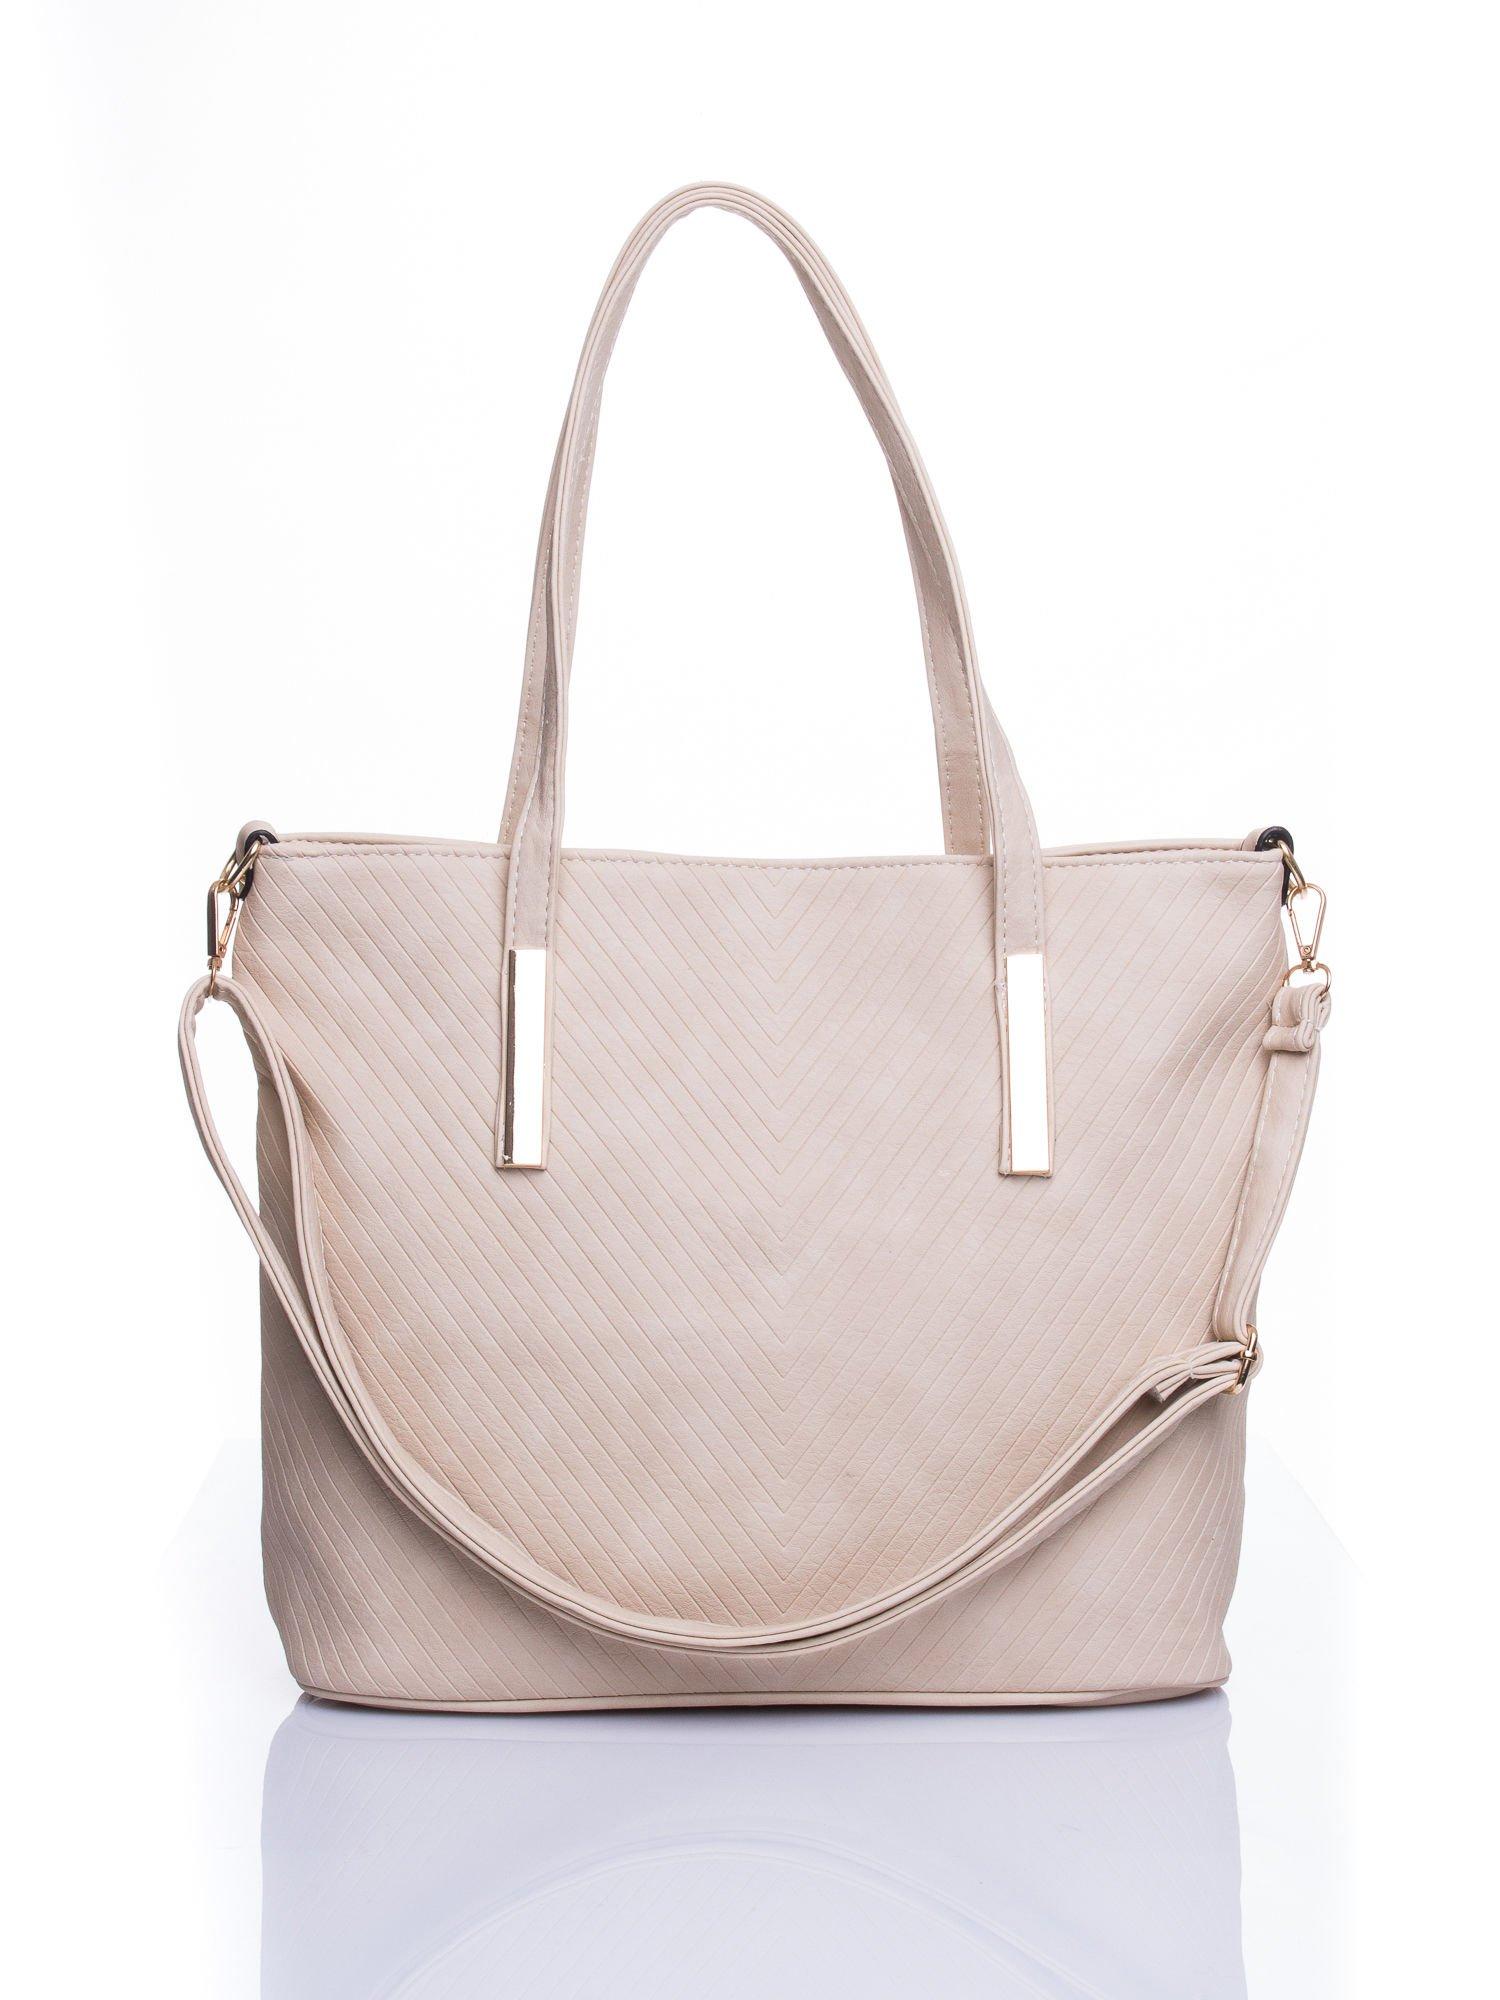 Kremowa fakturowana torba shopper bag                                  zdj.                                  1